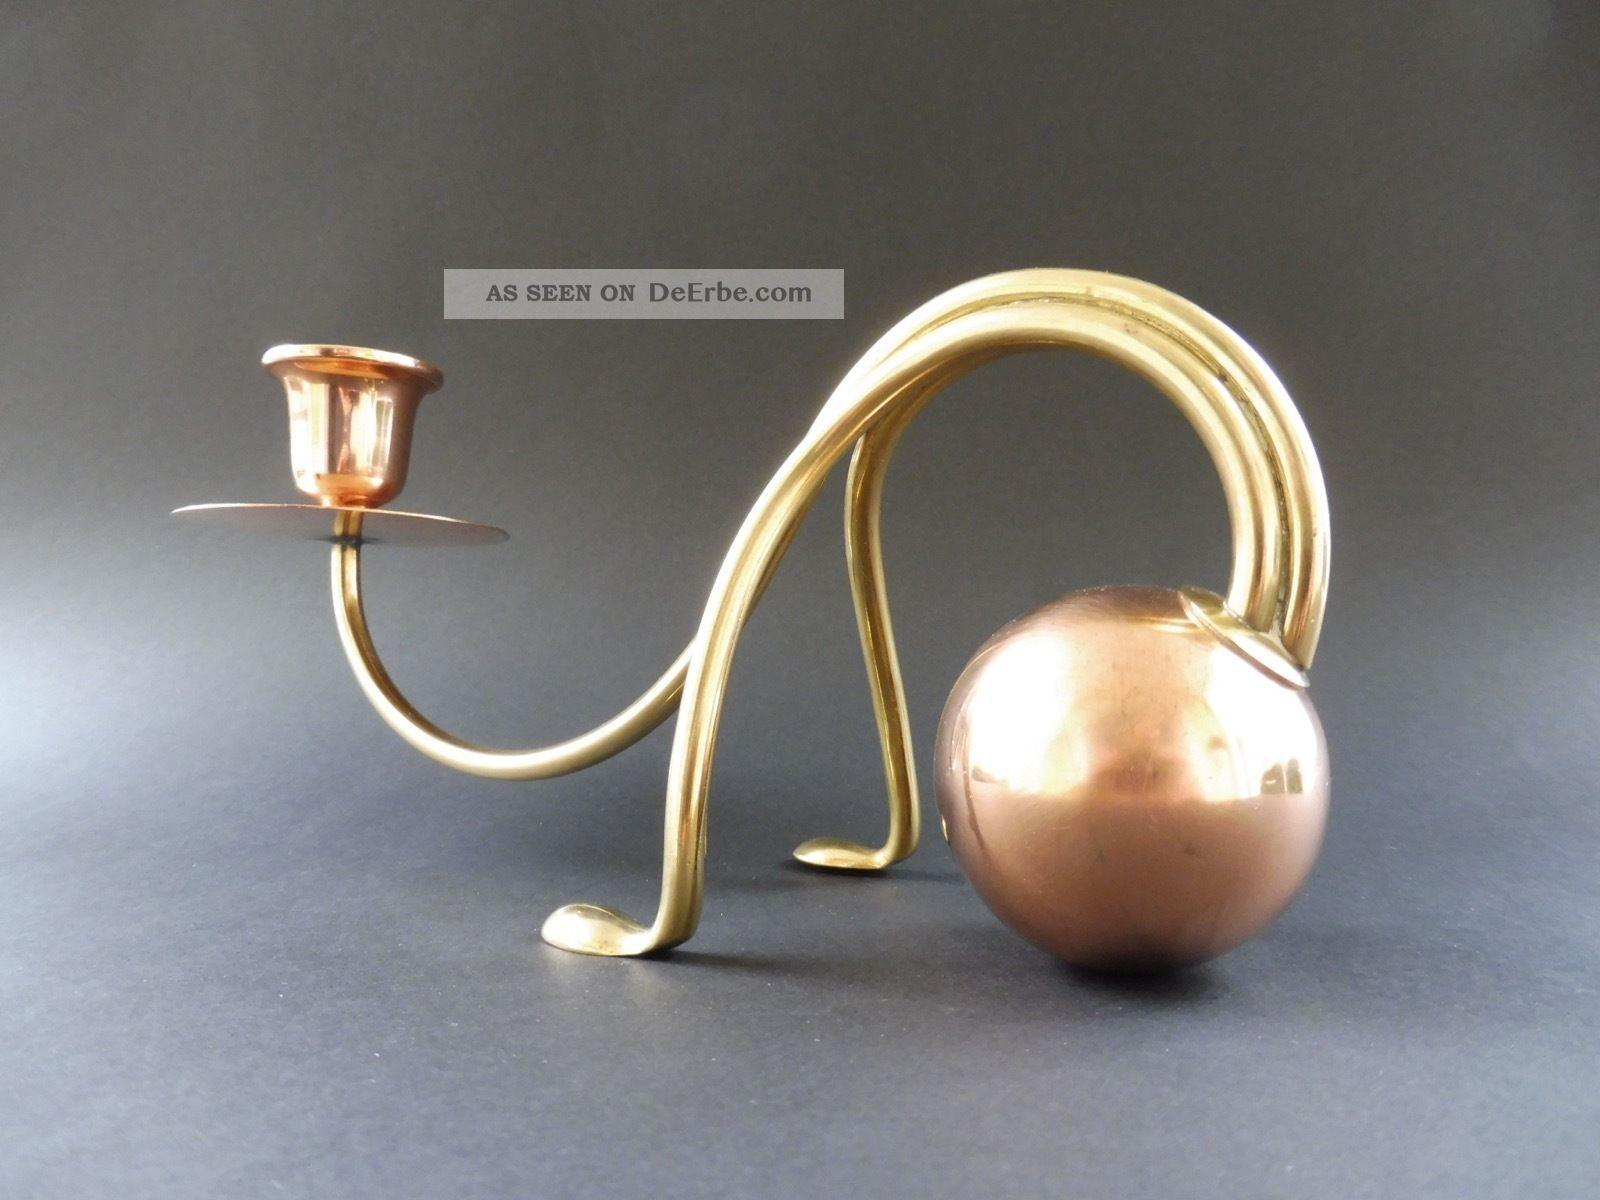 Carl Deffner Esslingen Jugendstil Design Leuchter Art Nouveau Candlestick Kupfer 1890-1919, Jugendstil Bild